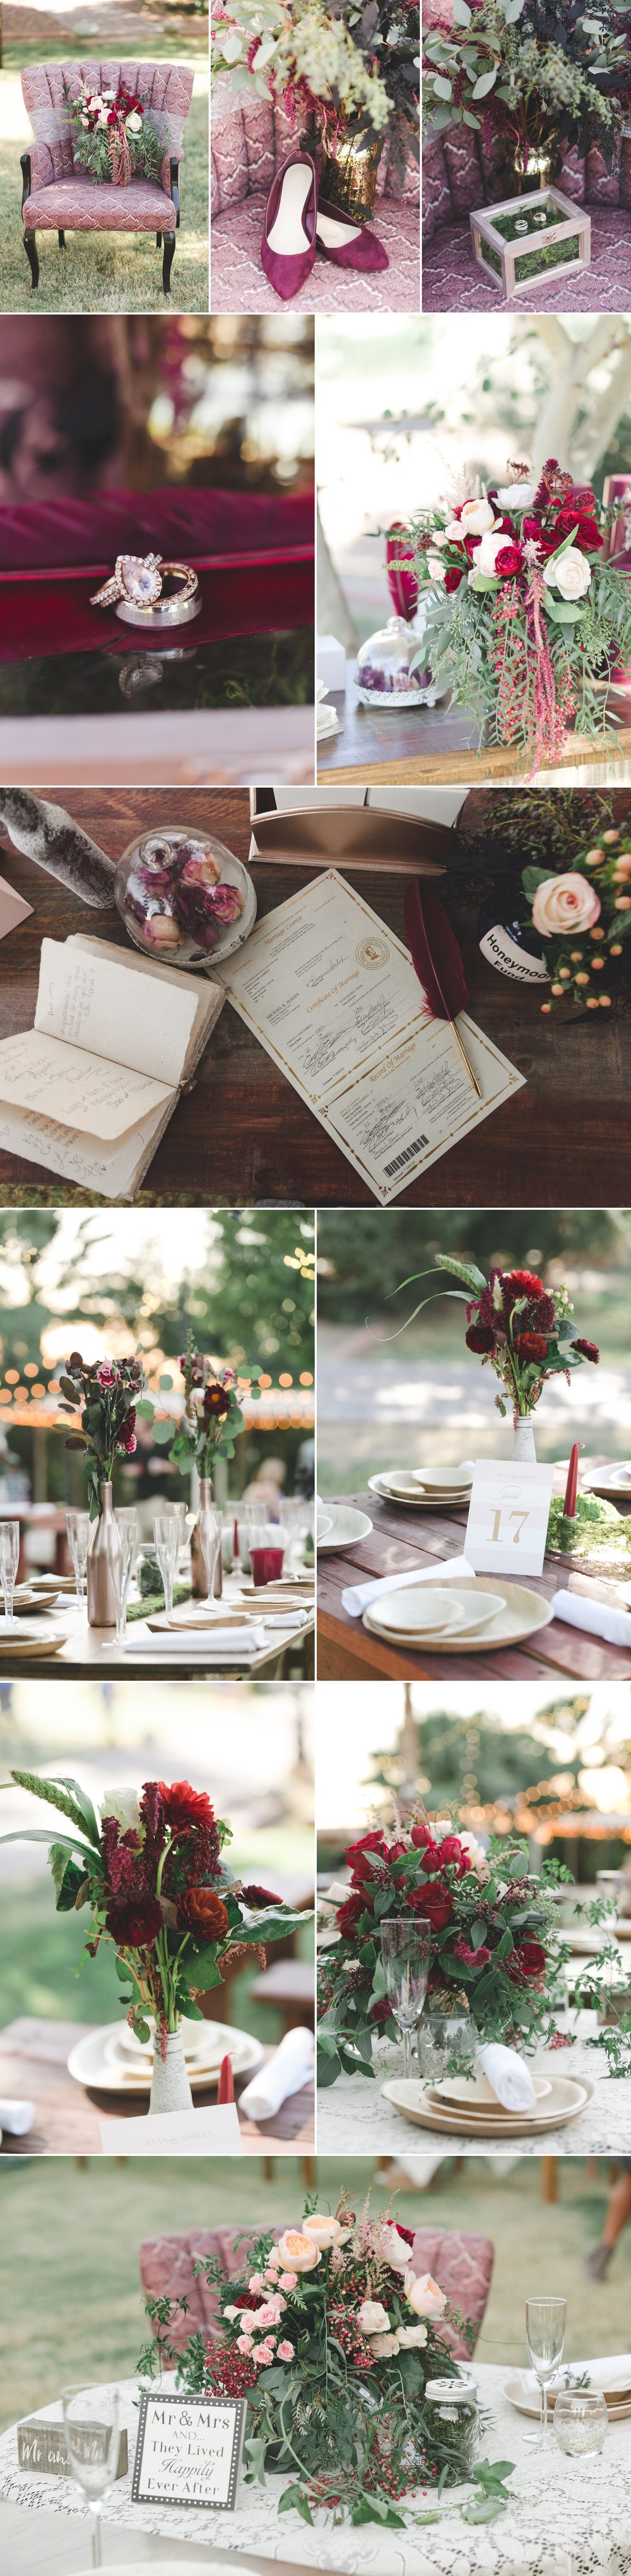 SAW WEDDING 2.jpg